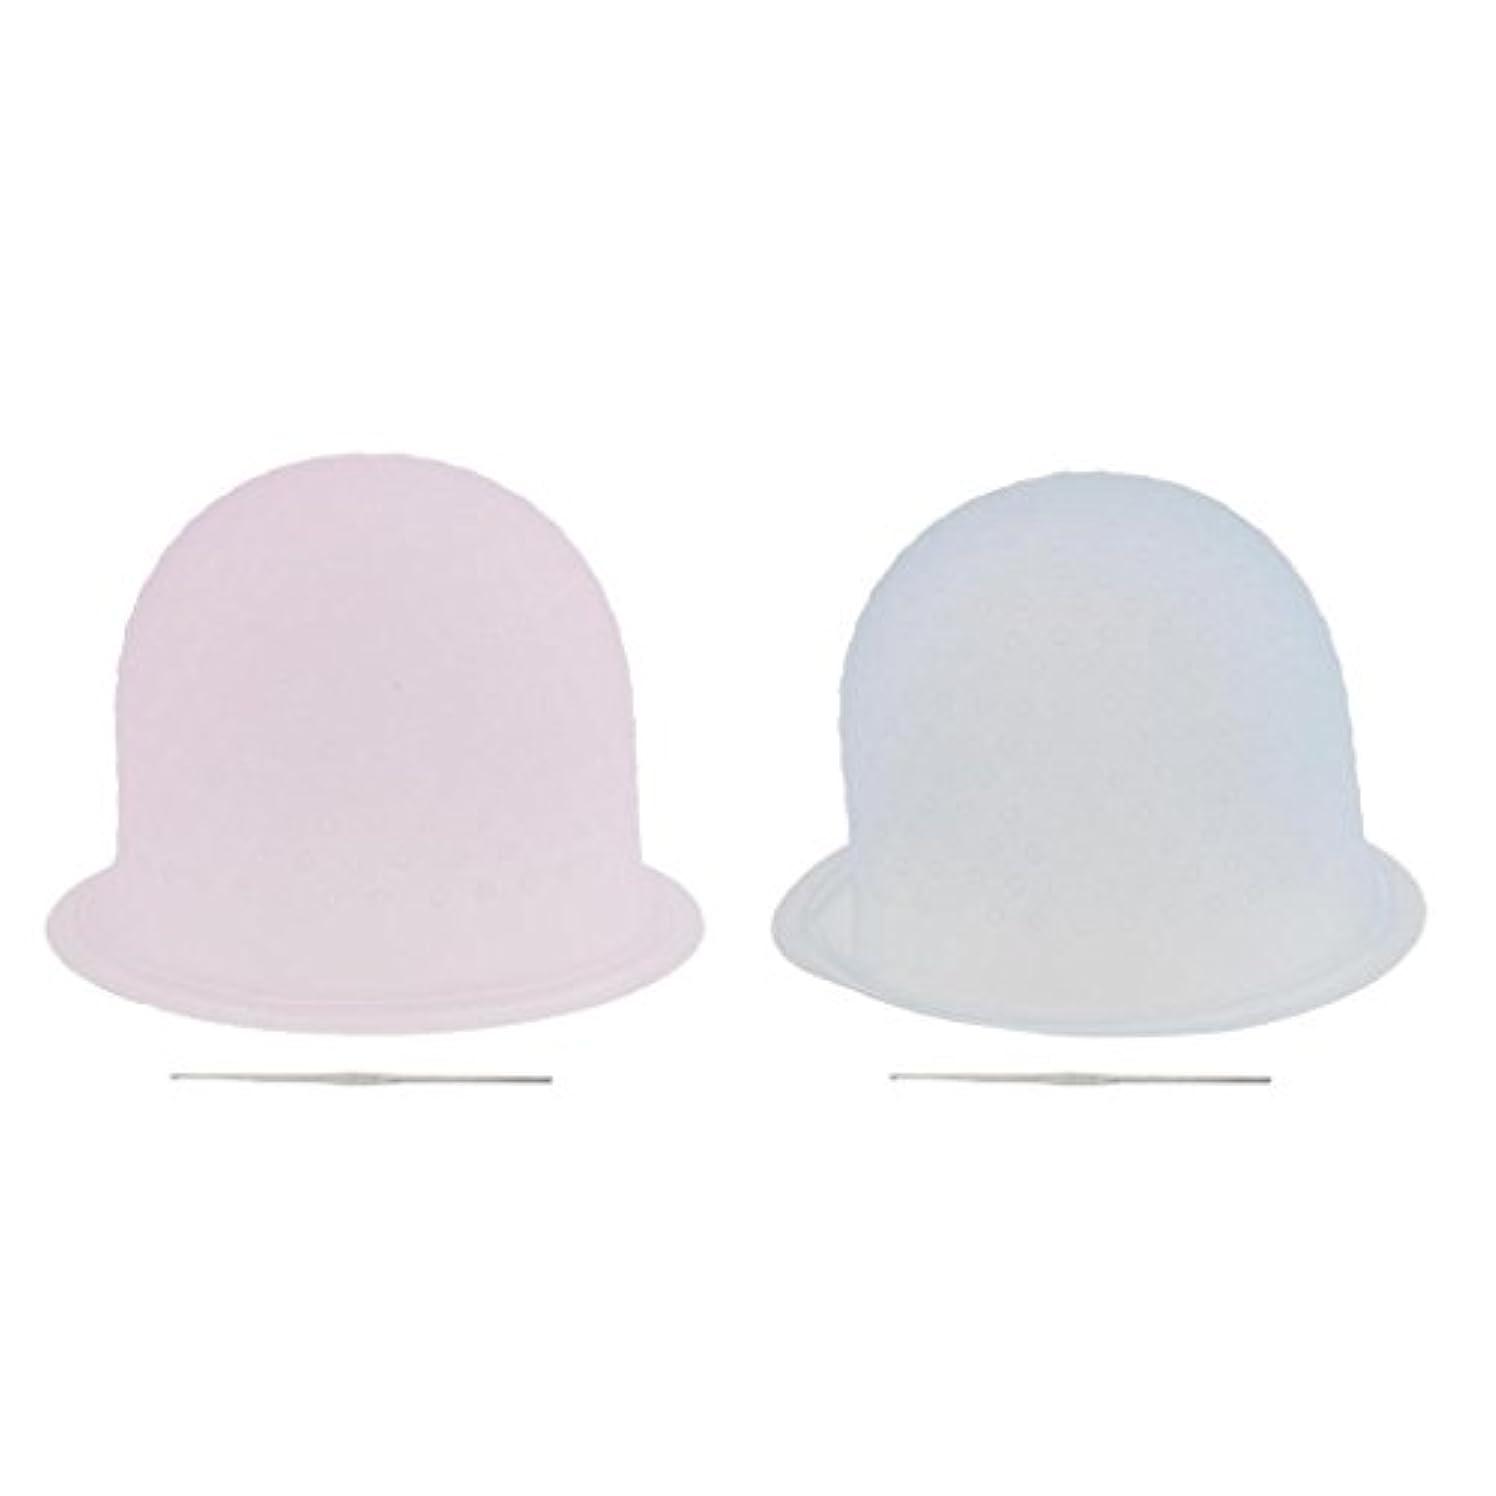 ベテラン全員ピジンToygogo 2組の金属のホックが付いている染料の毛の着色の曇らしている帽子の帽子を強調する専門の再使用可能な大広間